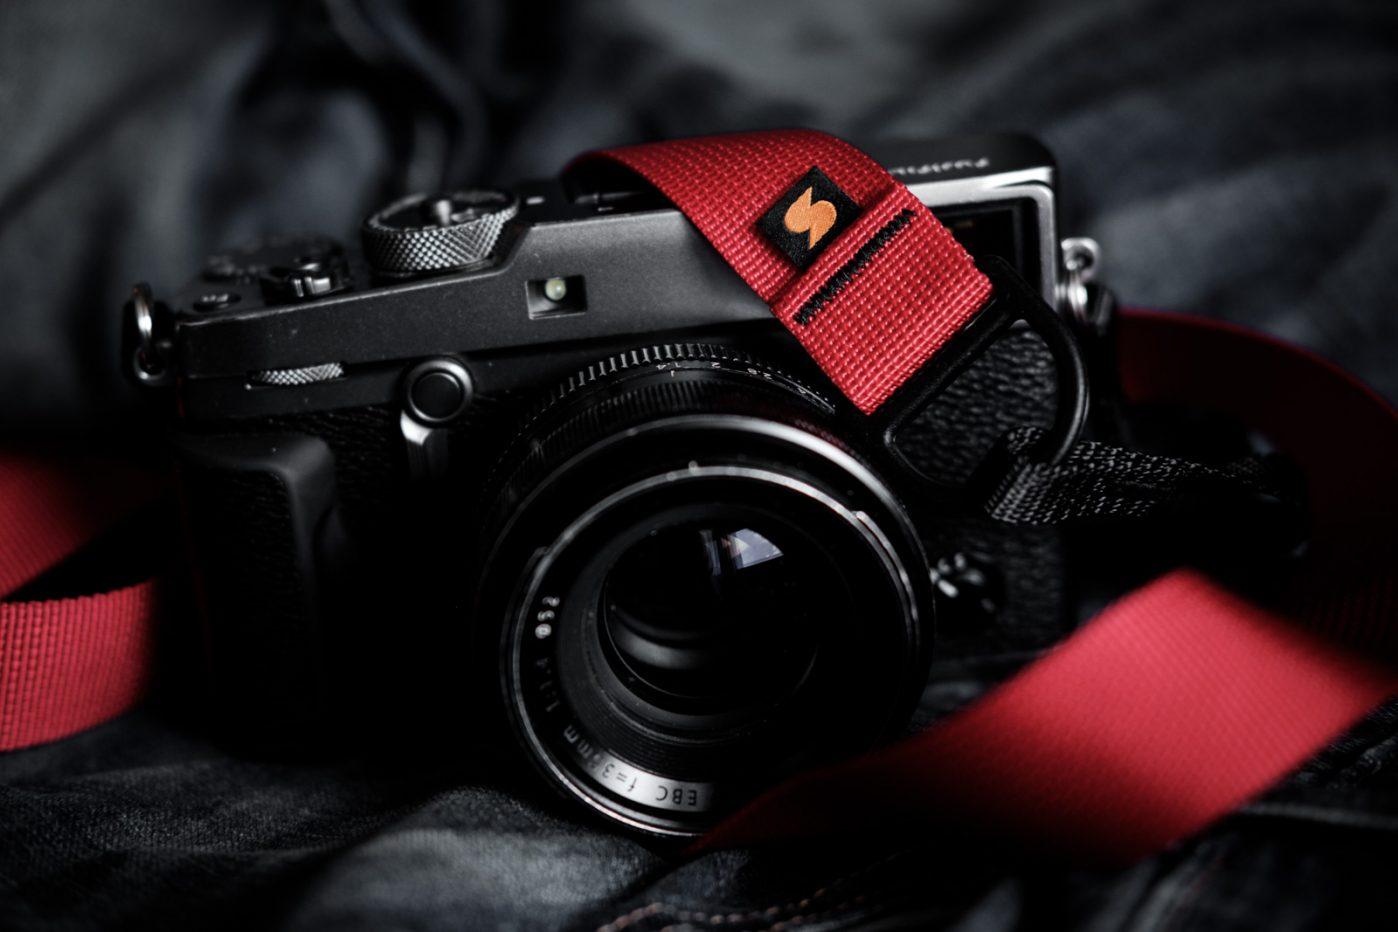 Charlene Winfred recensioni sò Simplr F1 Camera Strap, indicatu quì nantu à u Graphite X-Pro2